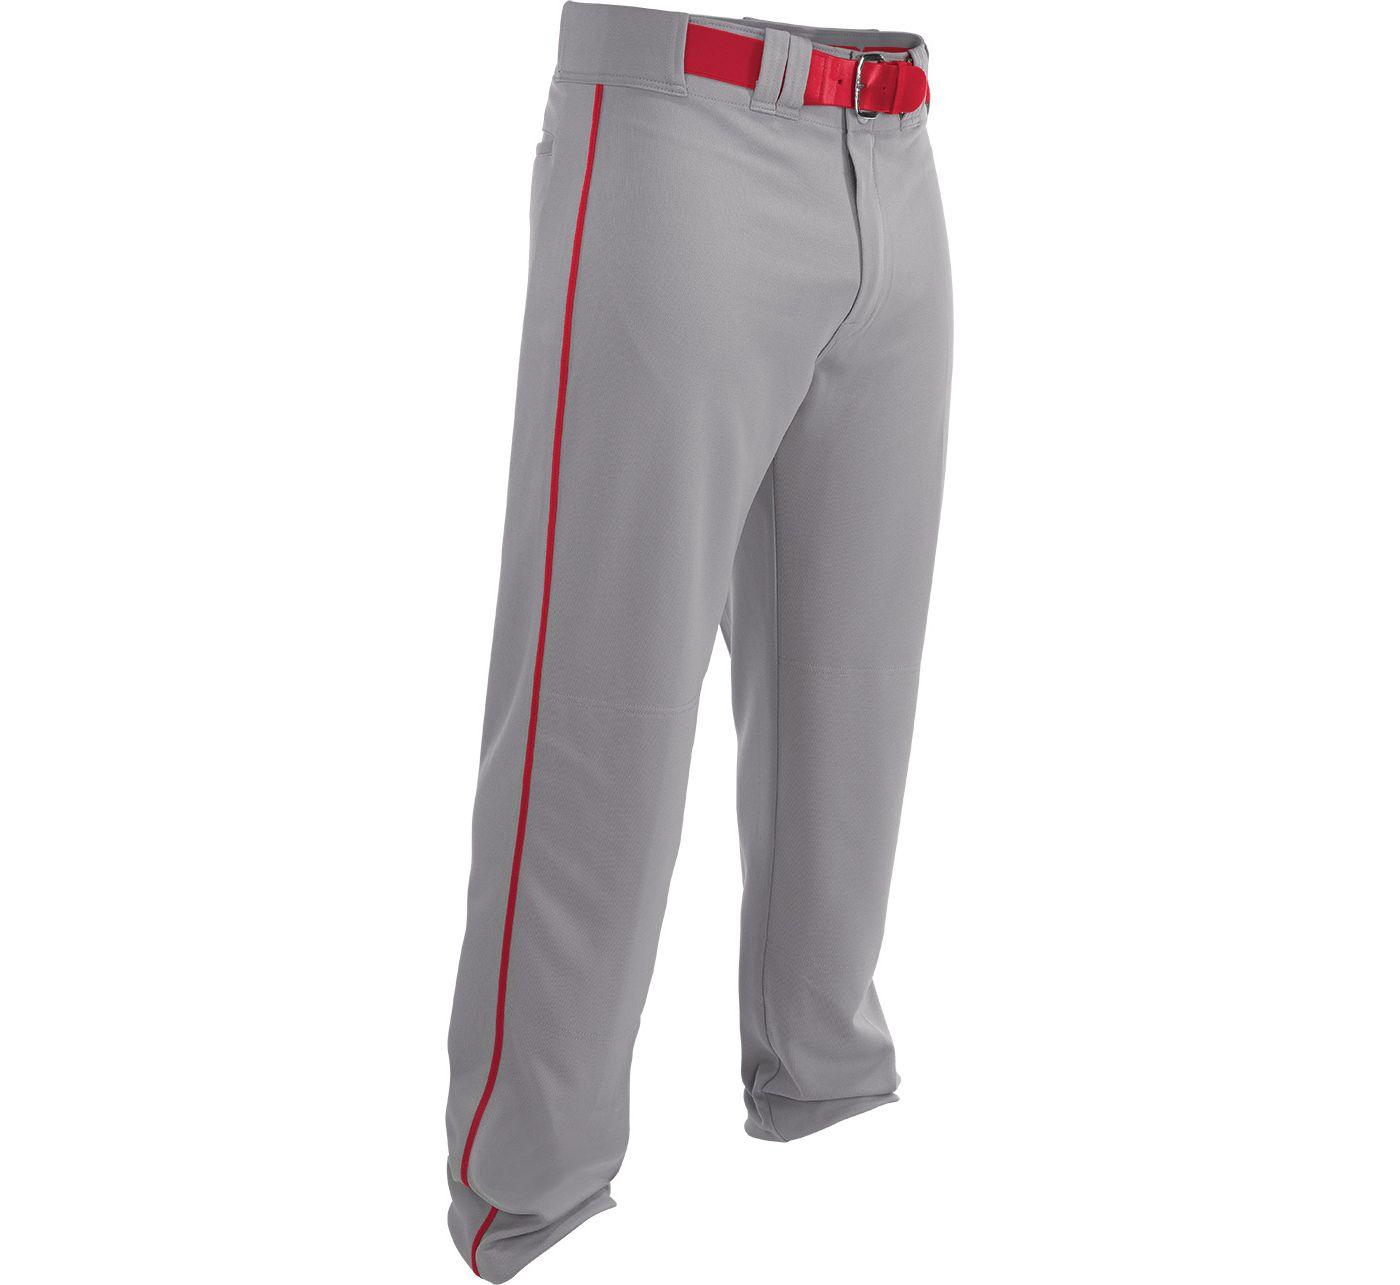 Easton Boys' Rival 2 Piped Baseball Pants